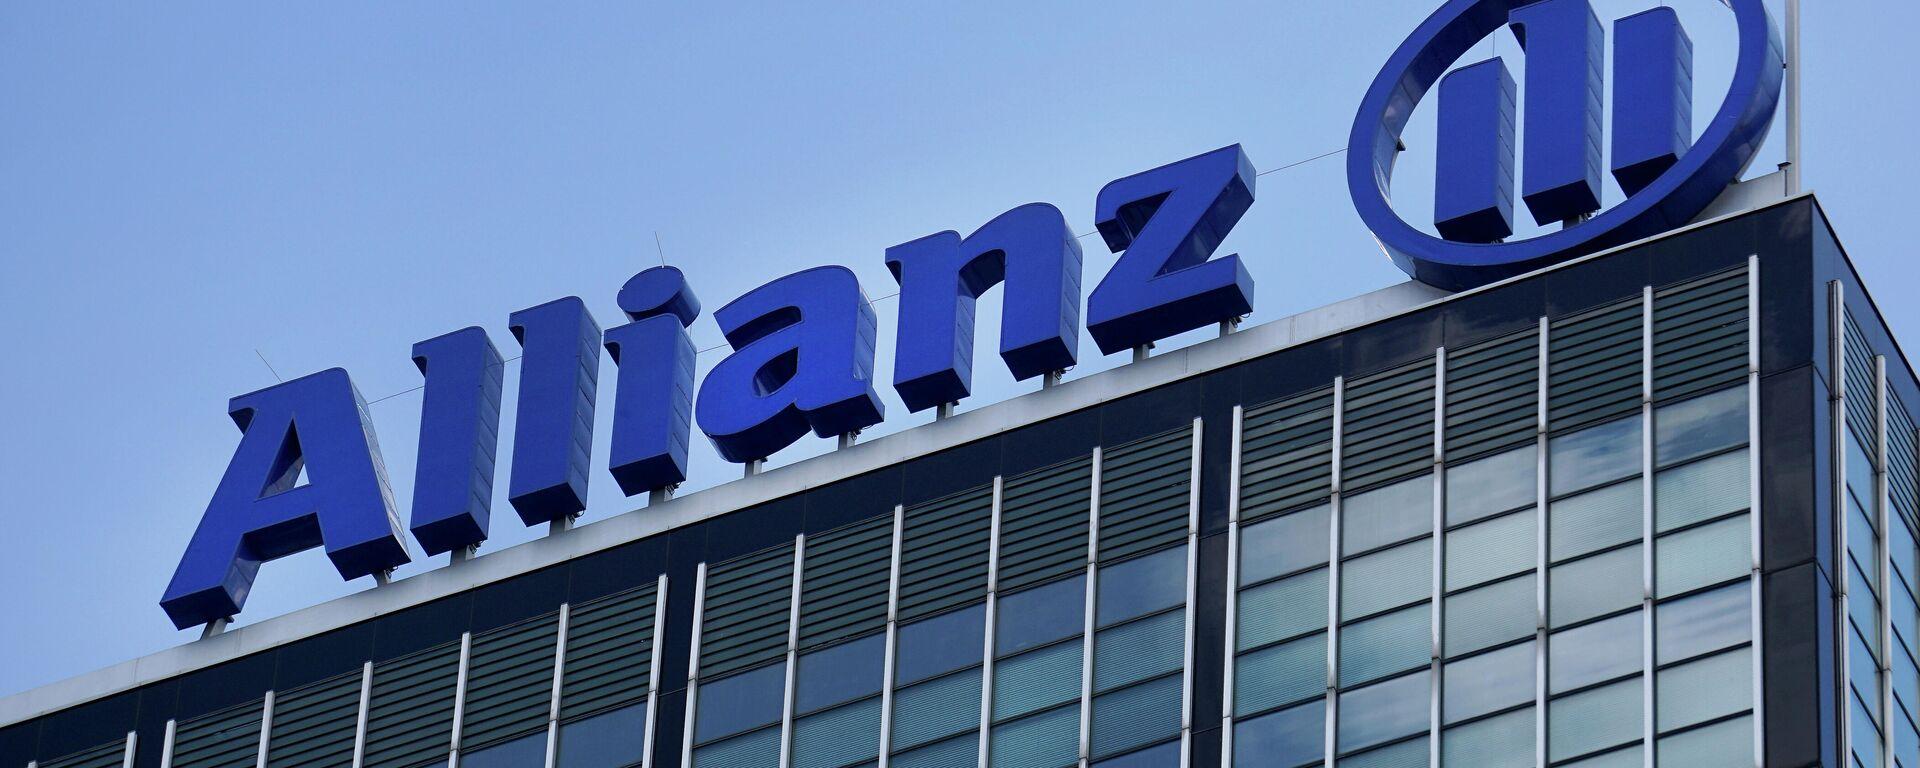 Deutscher Versicherungskonzern Allianz, einer der größten in der Welt (Archiv) - SNA, 1920, 09.07.2021